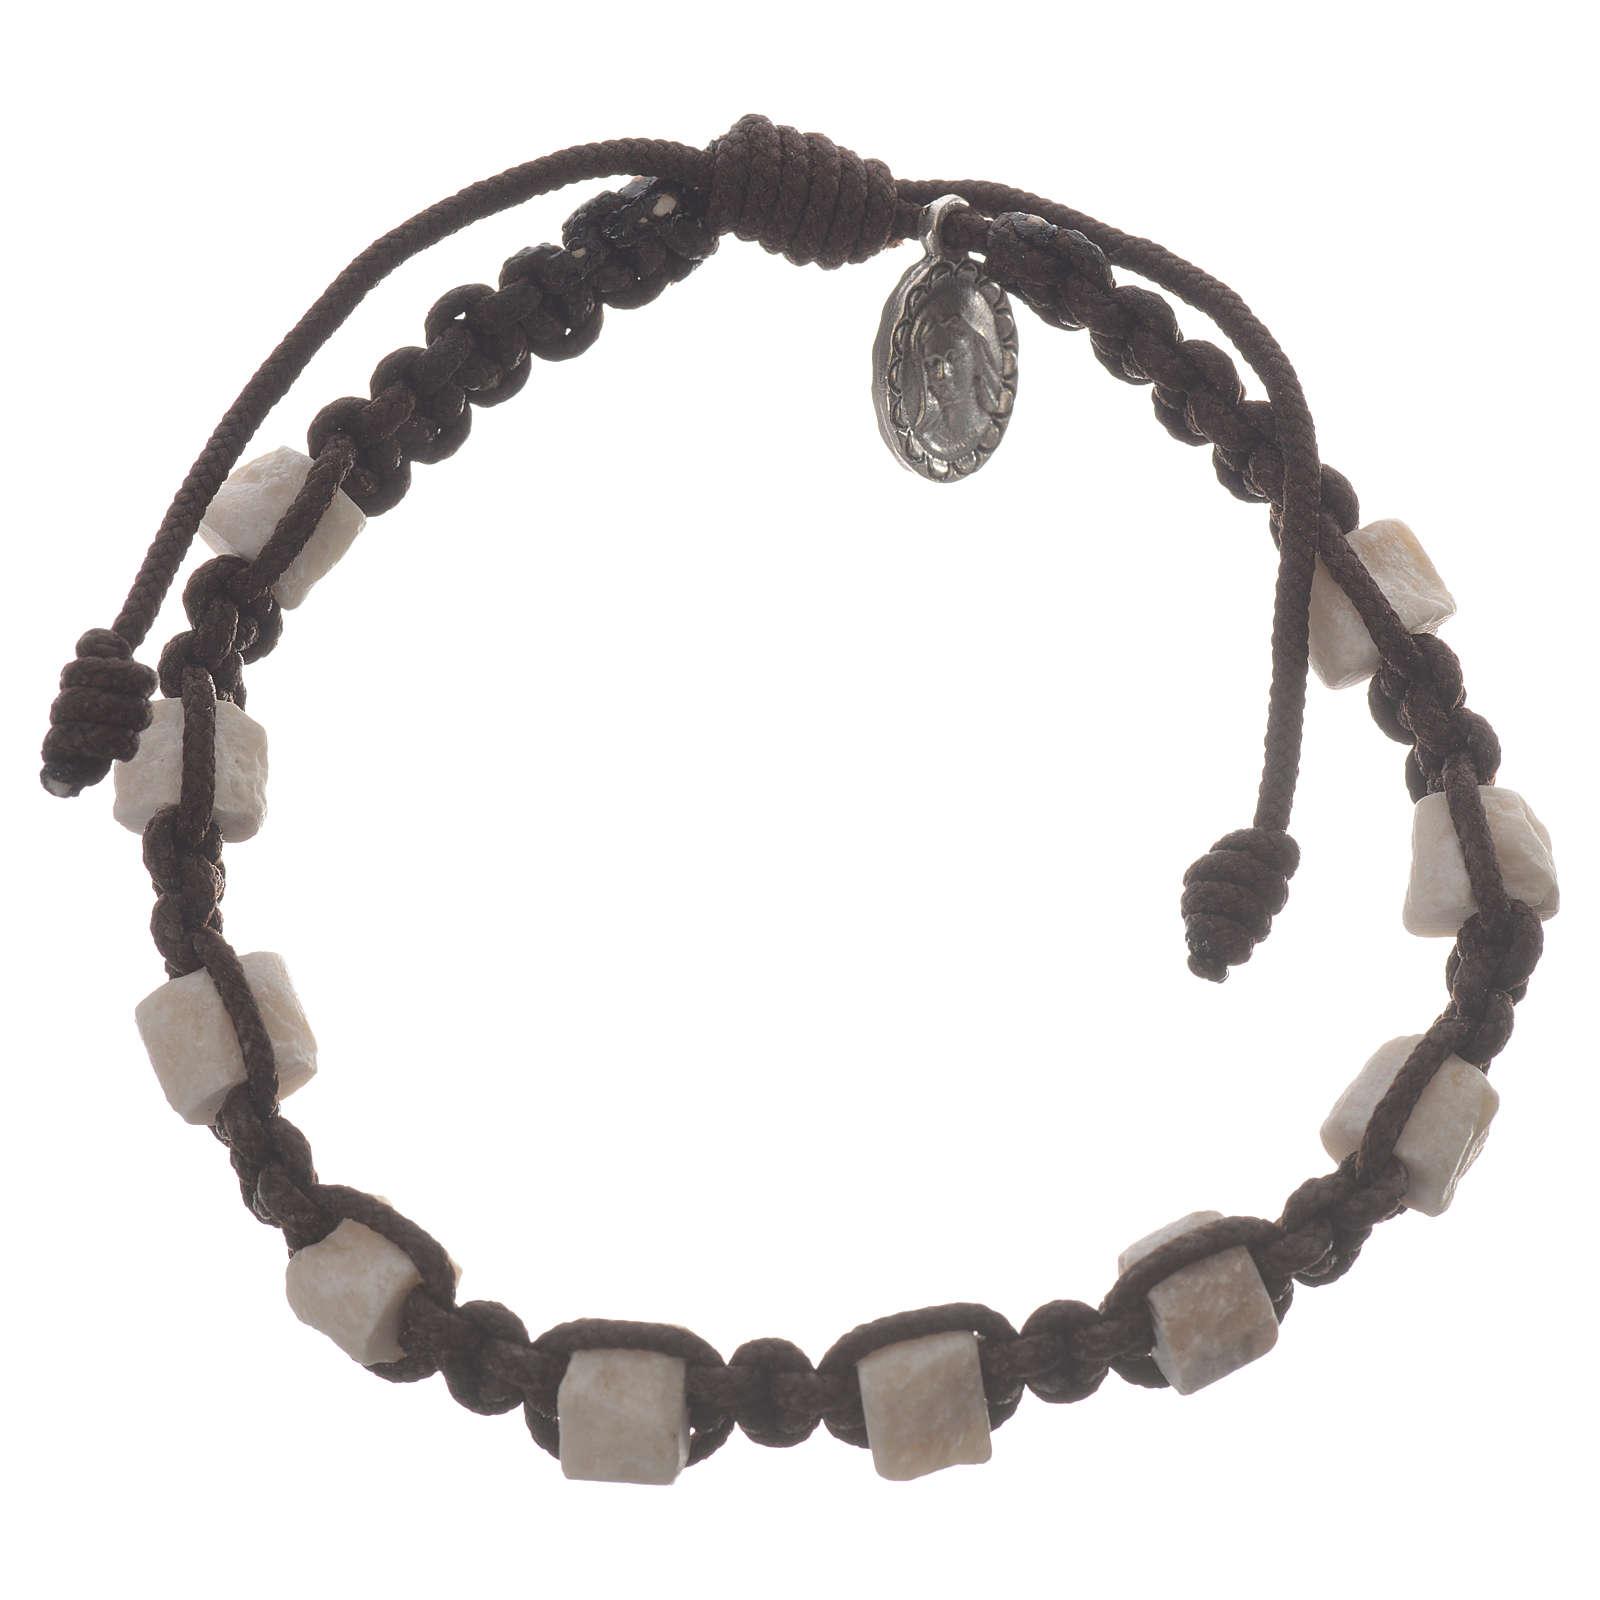 Bransoleta dziesiątka Medziugorie brązowy sznurek i kamień 4